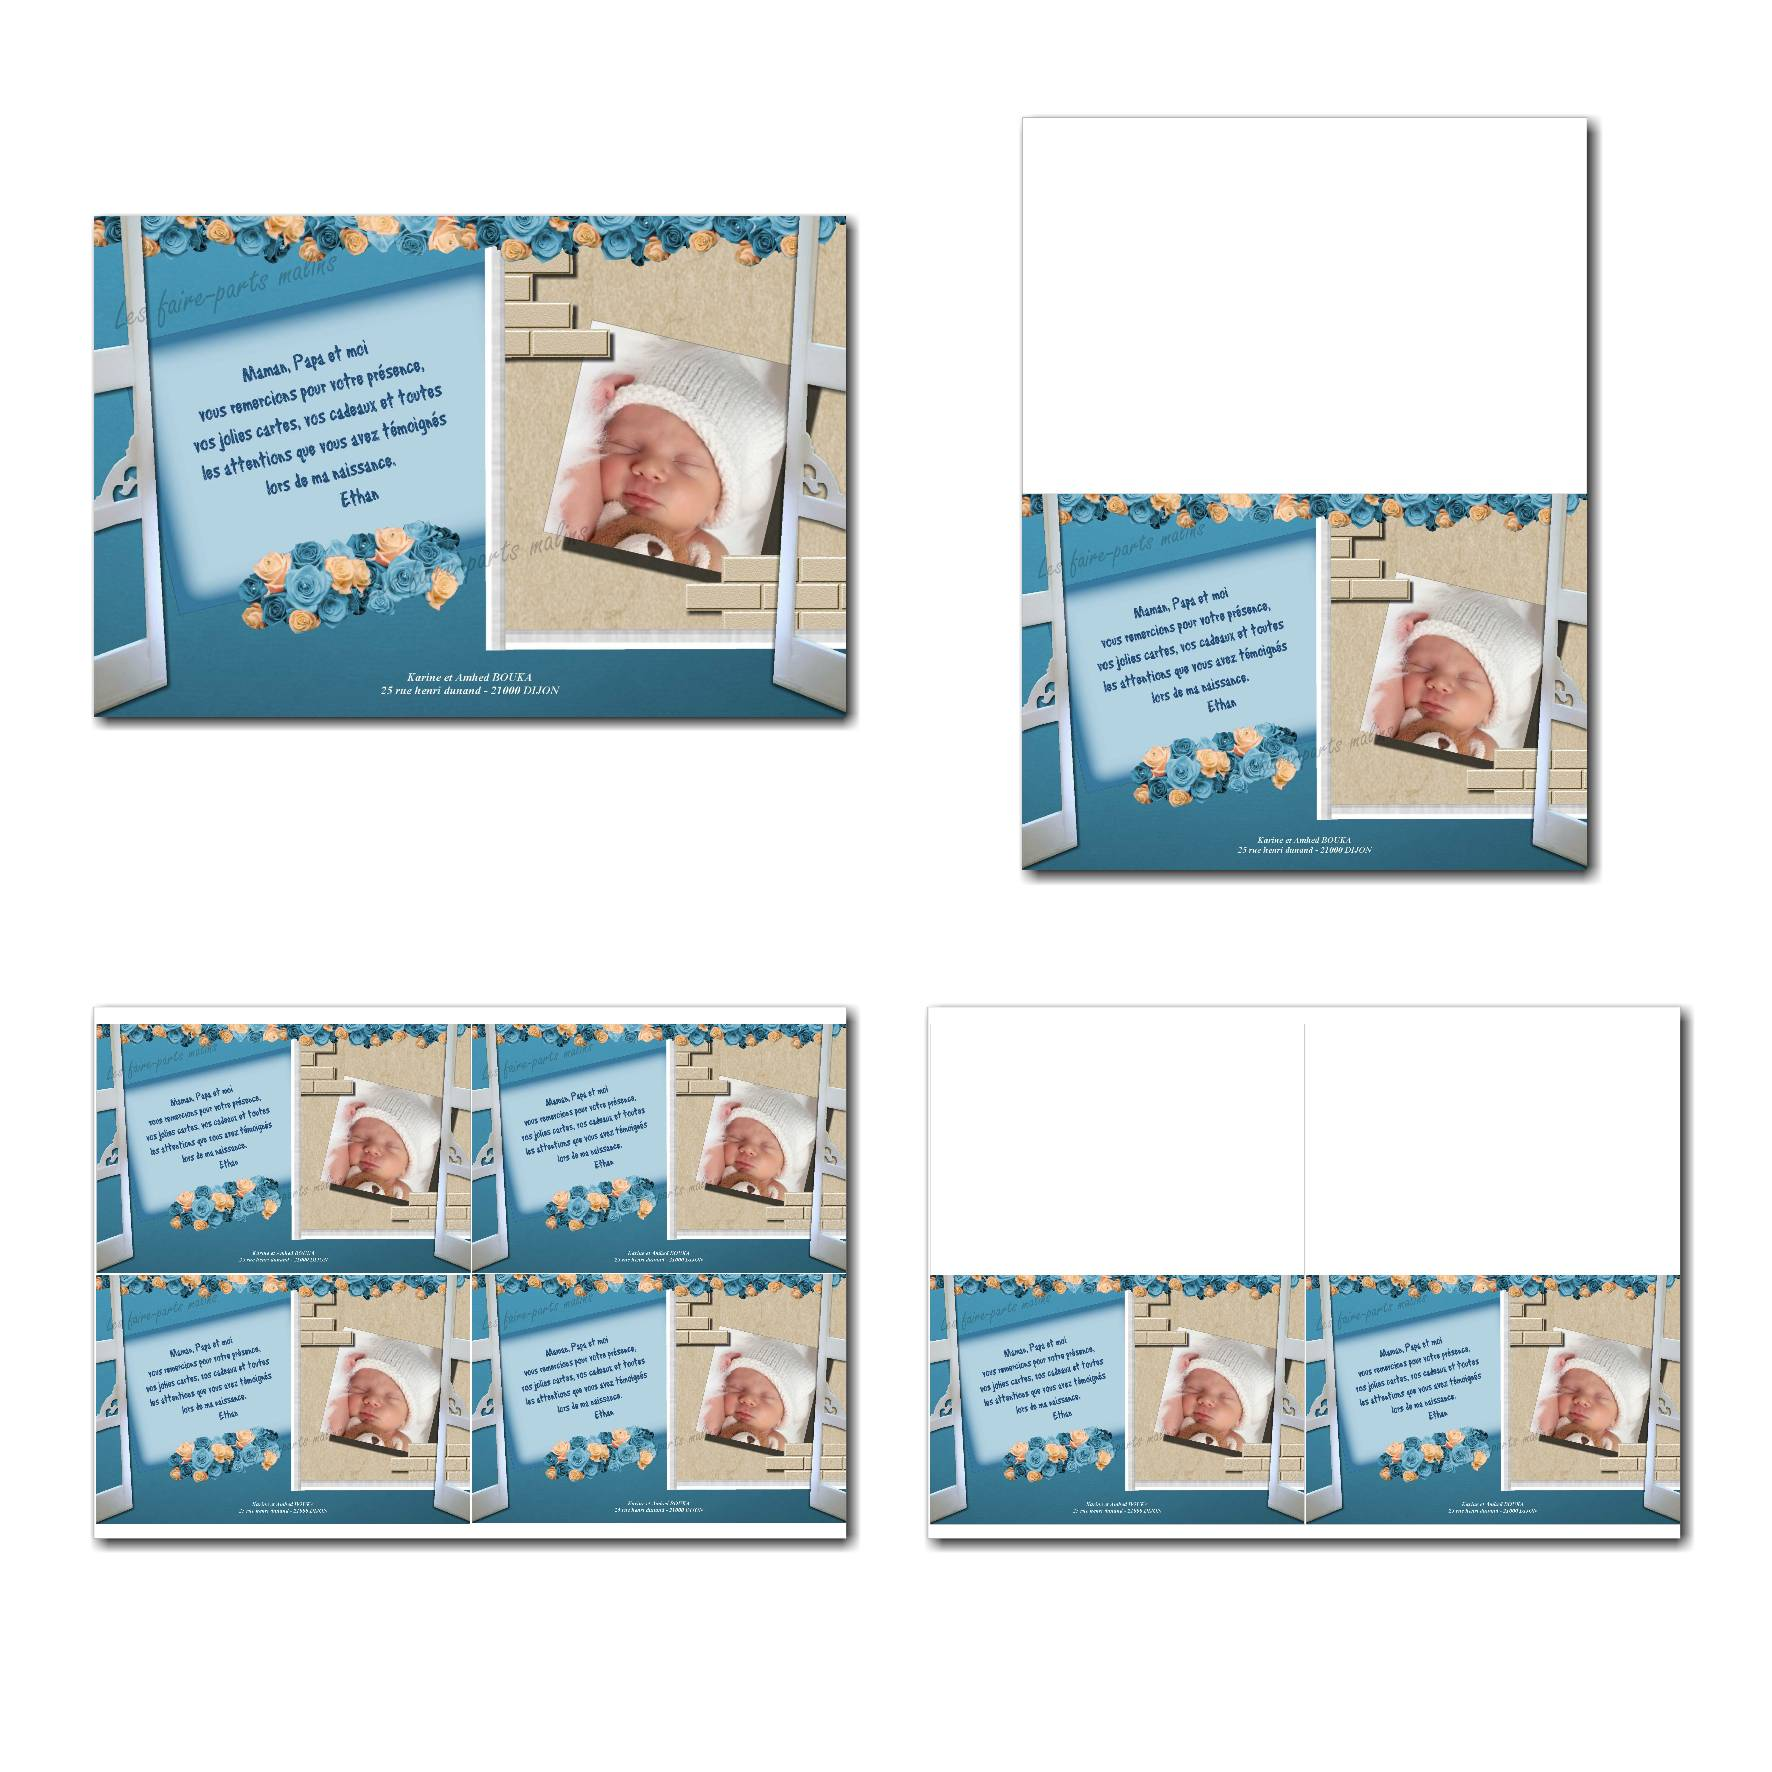 Carte de remerciements prêt à imprimer bleu et beige avec fenêtre ouverte